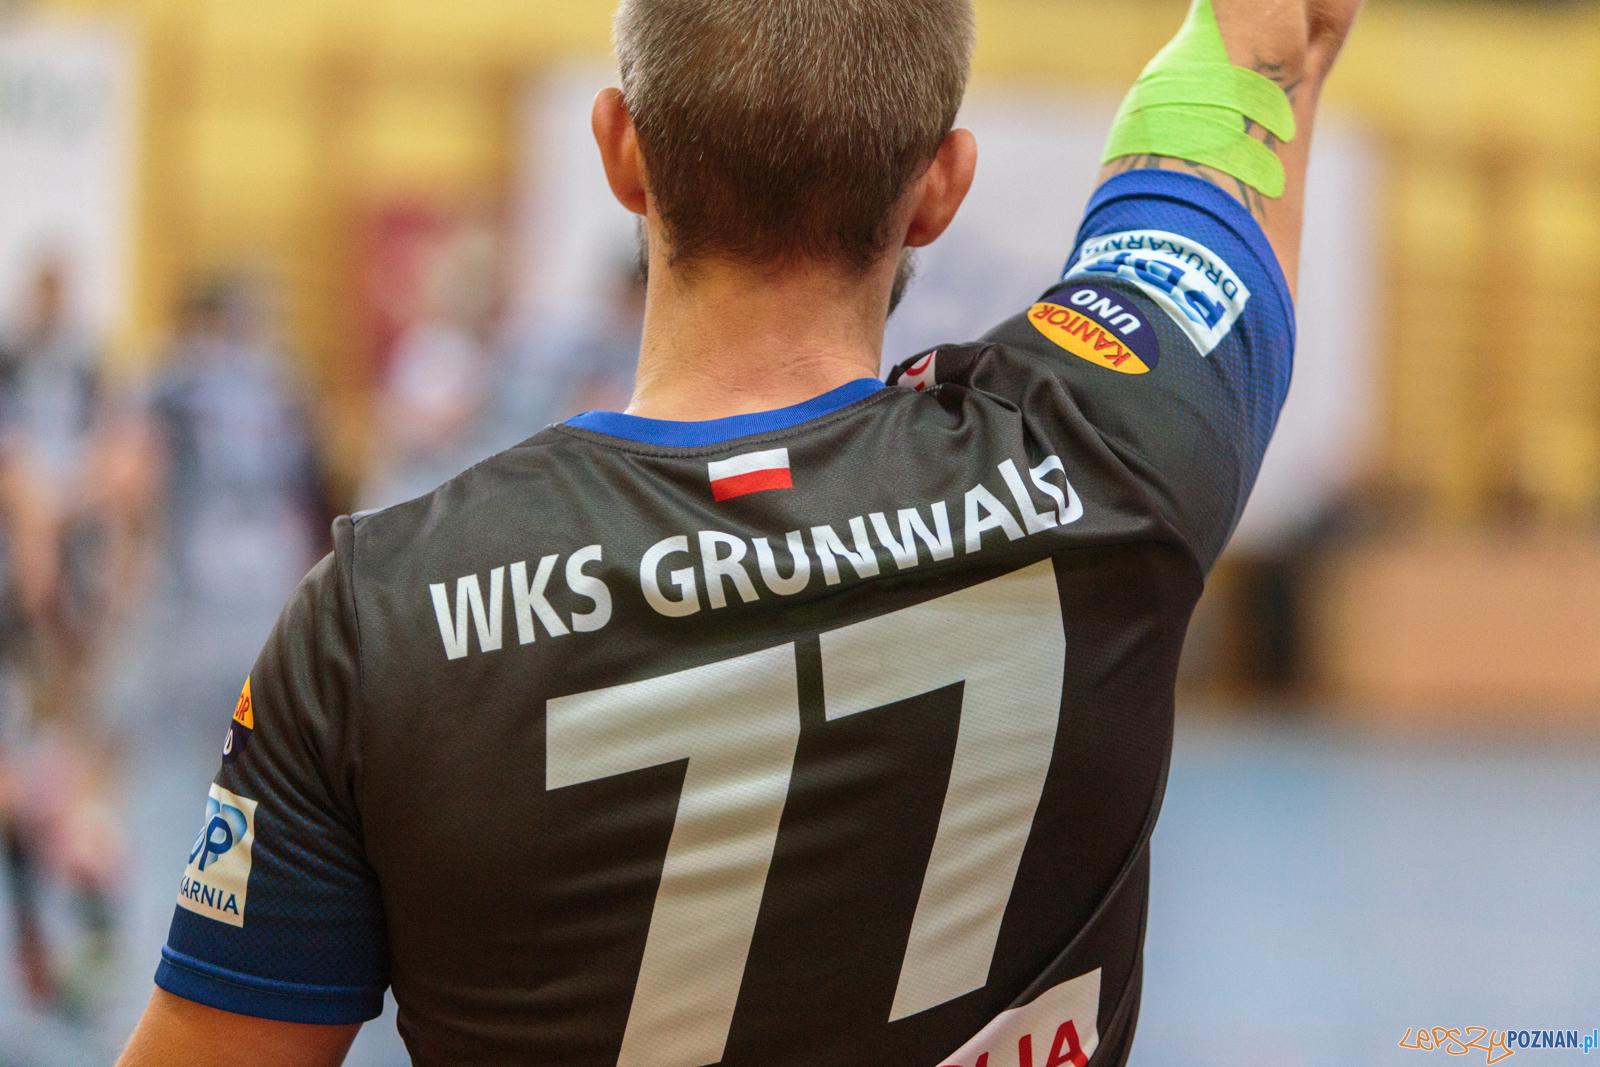 WKS Grunwald Poznań - KPR Gwardia Koszalin - Poznań 30.09.2017  Foto: LepszyPOZNAN.pl / Paweł Rychter